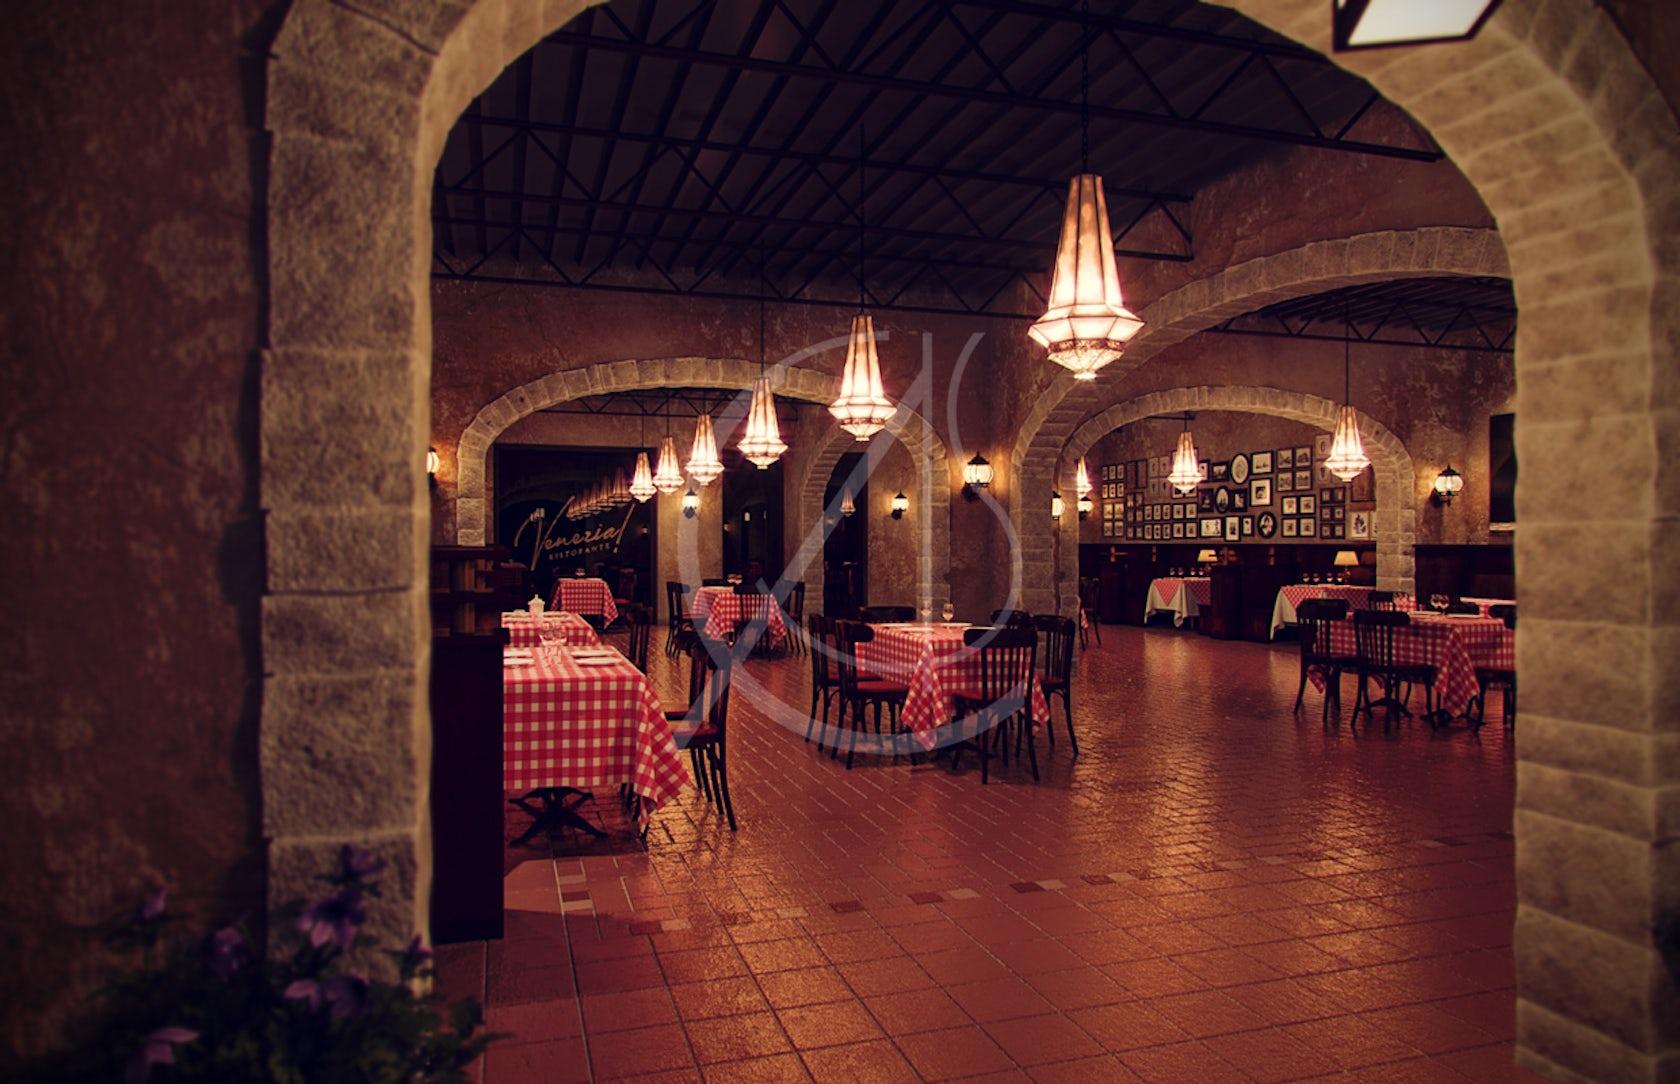 Venezia italian restaurant interior design architizer for Blog interior design italia